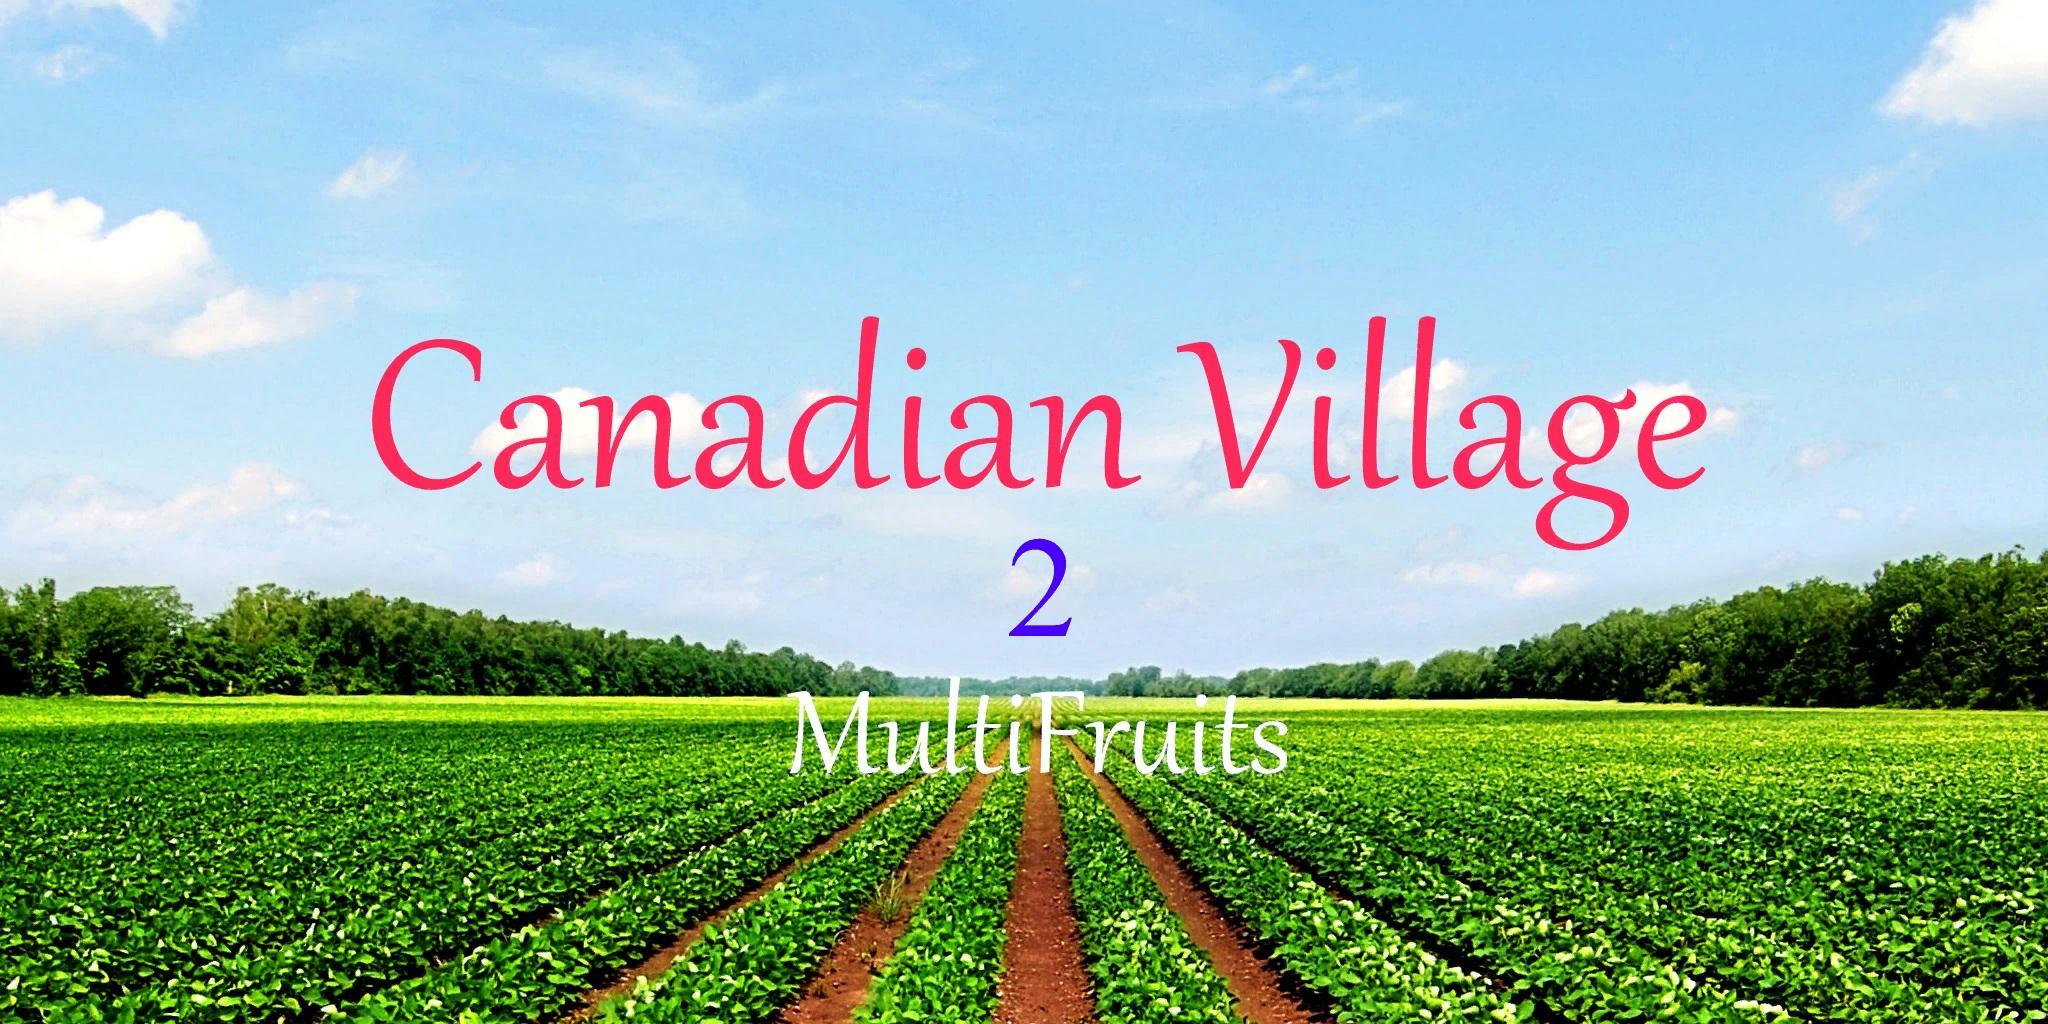 FS17 Canadian Village2 Map 2 Final FS17